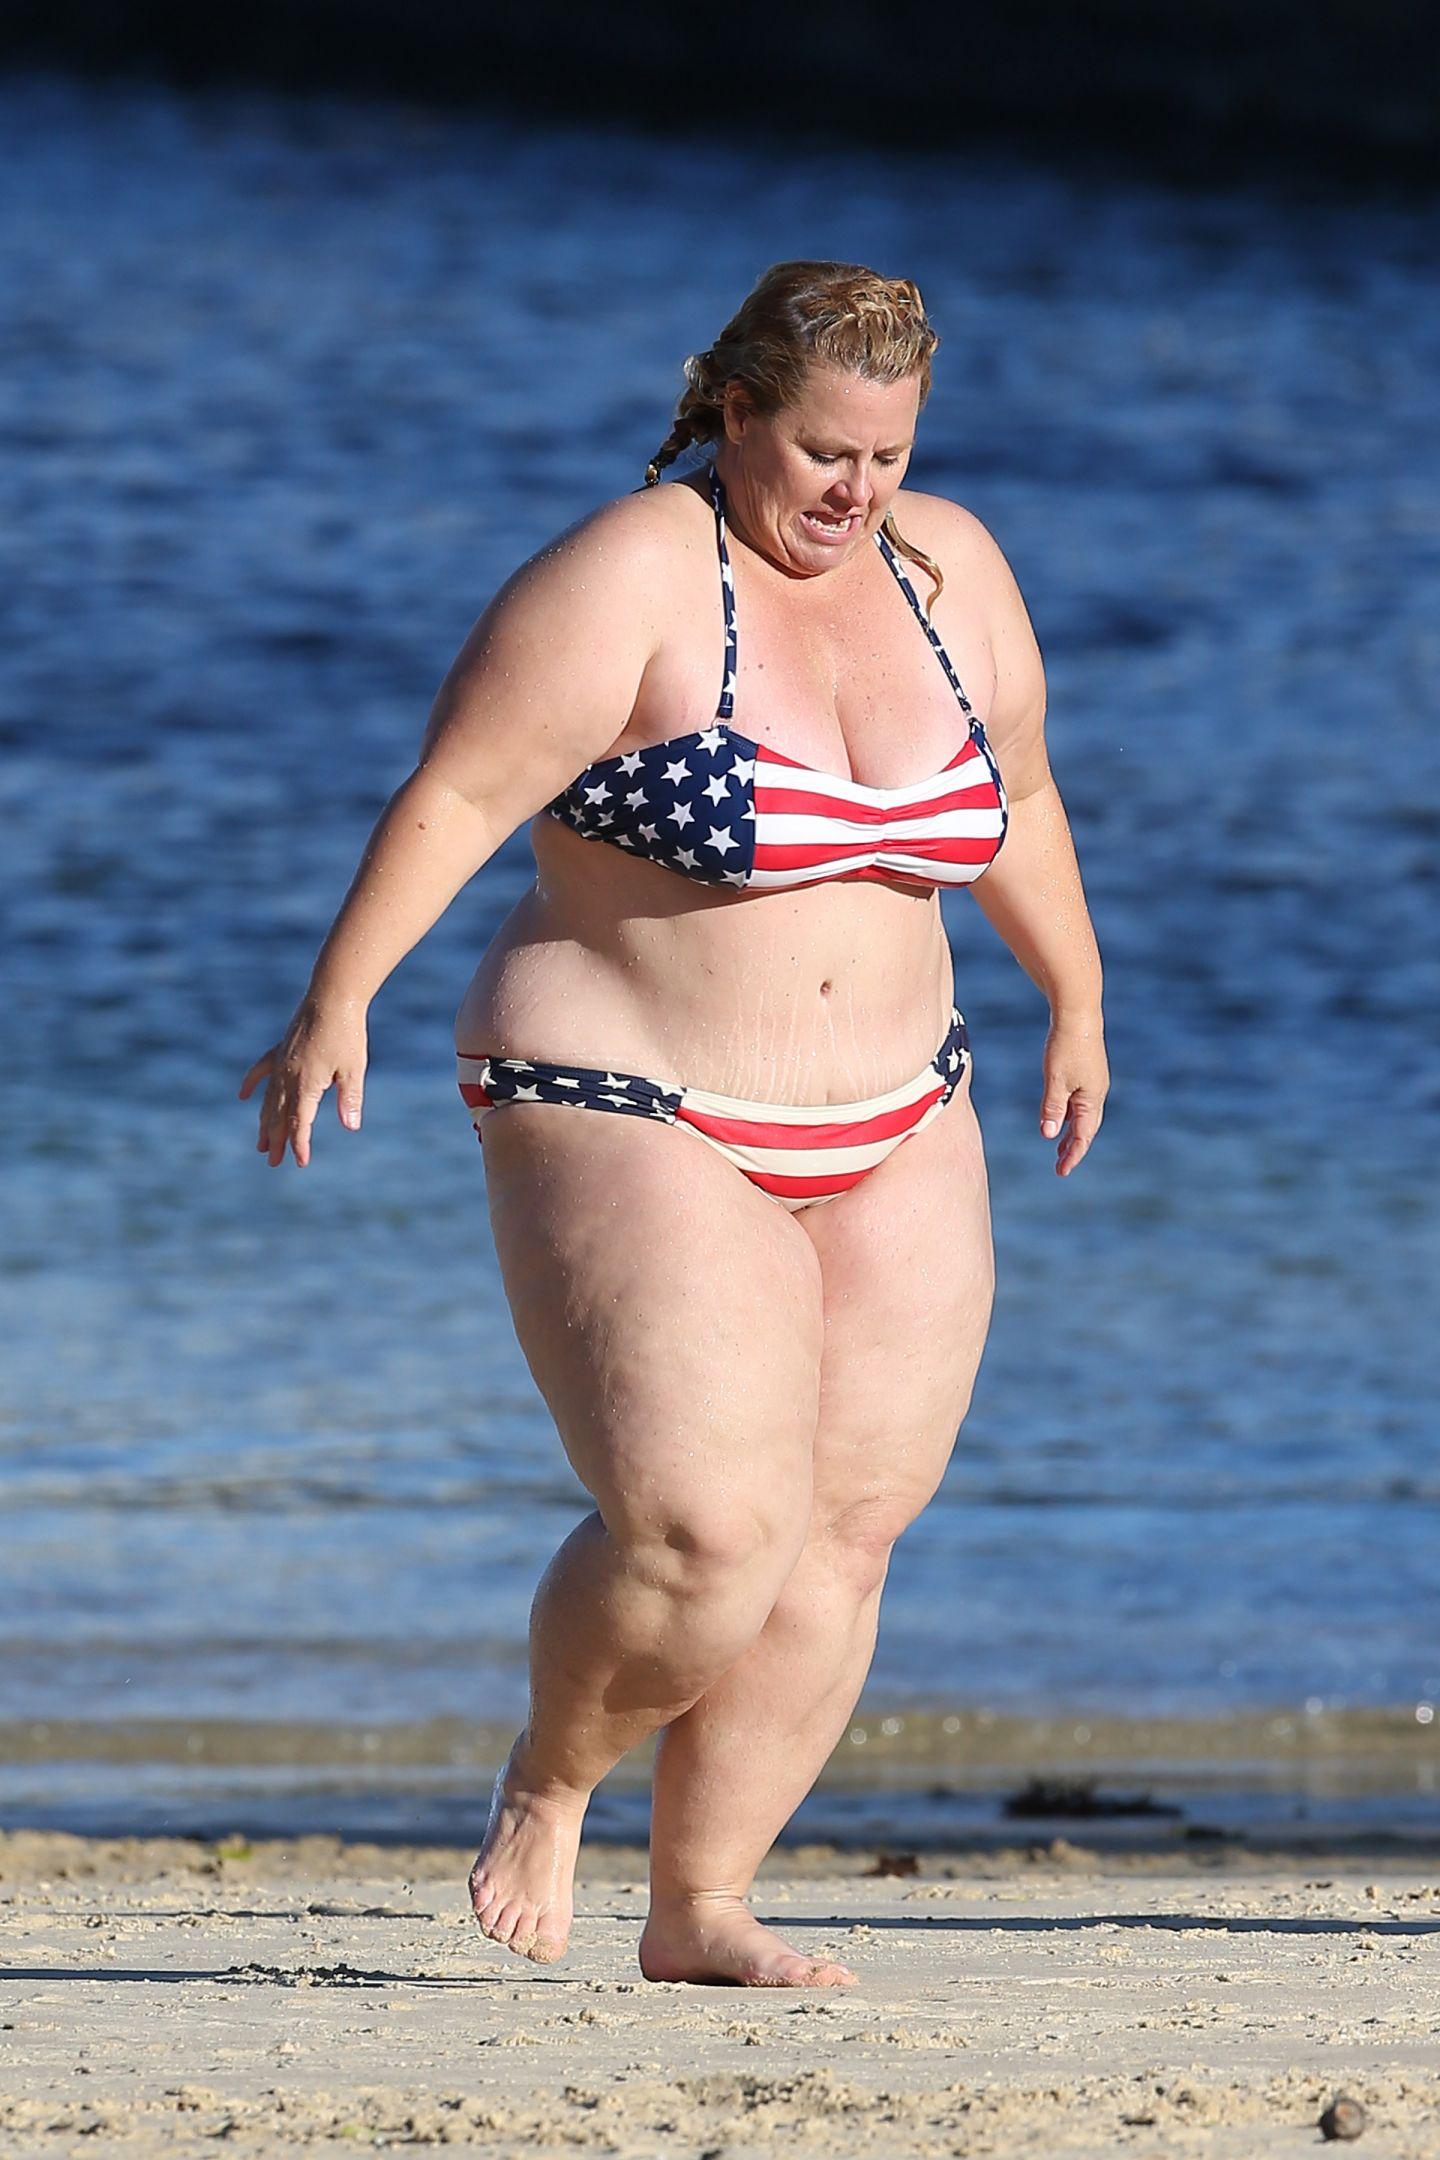 Prea grasa pentru operatie!